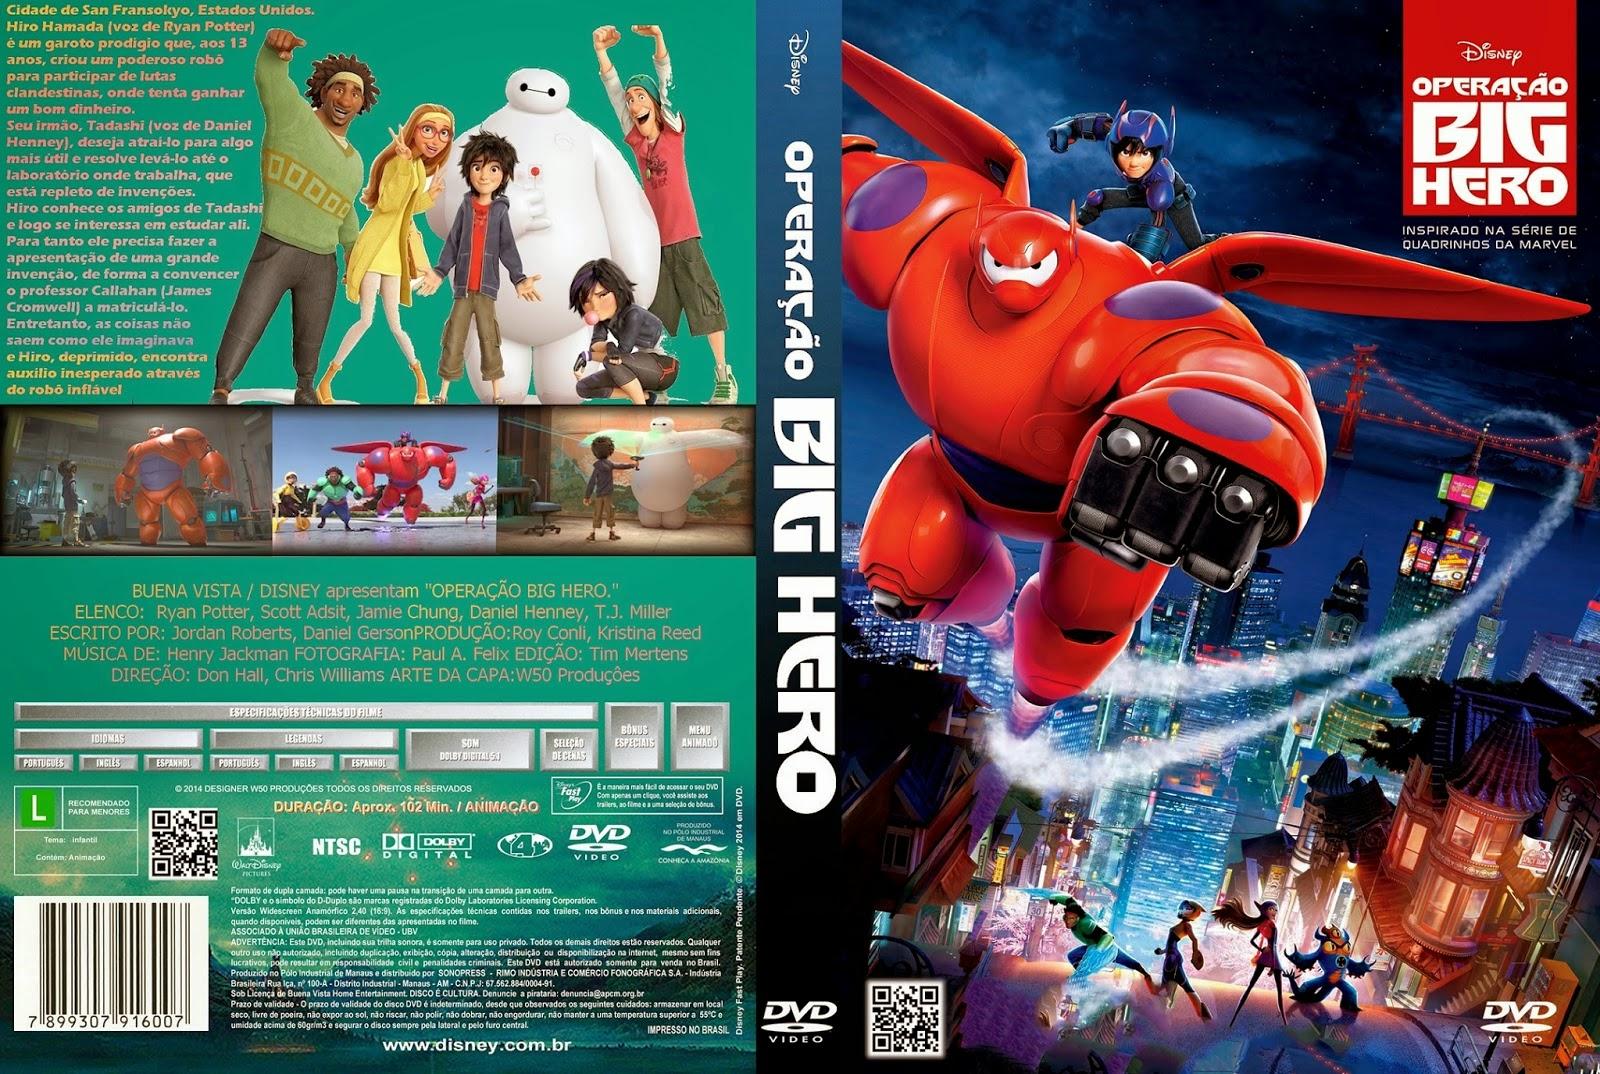 Baixar Operação Big Hero DVD-R Opera C3 A7 C3 A3o 2BBig 2BHero